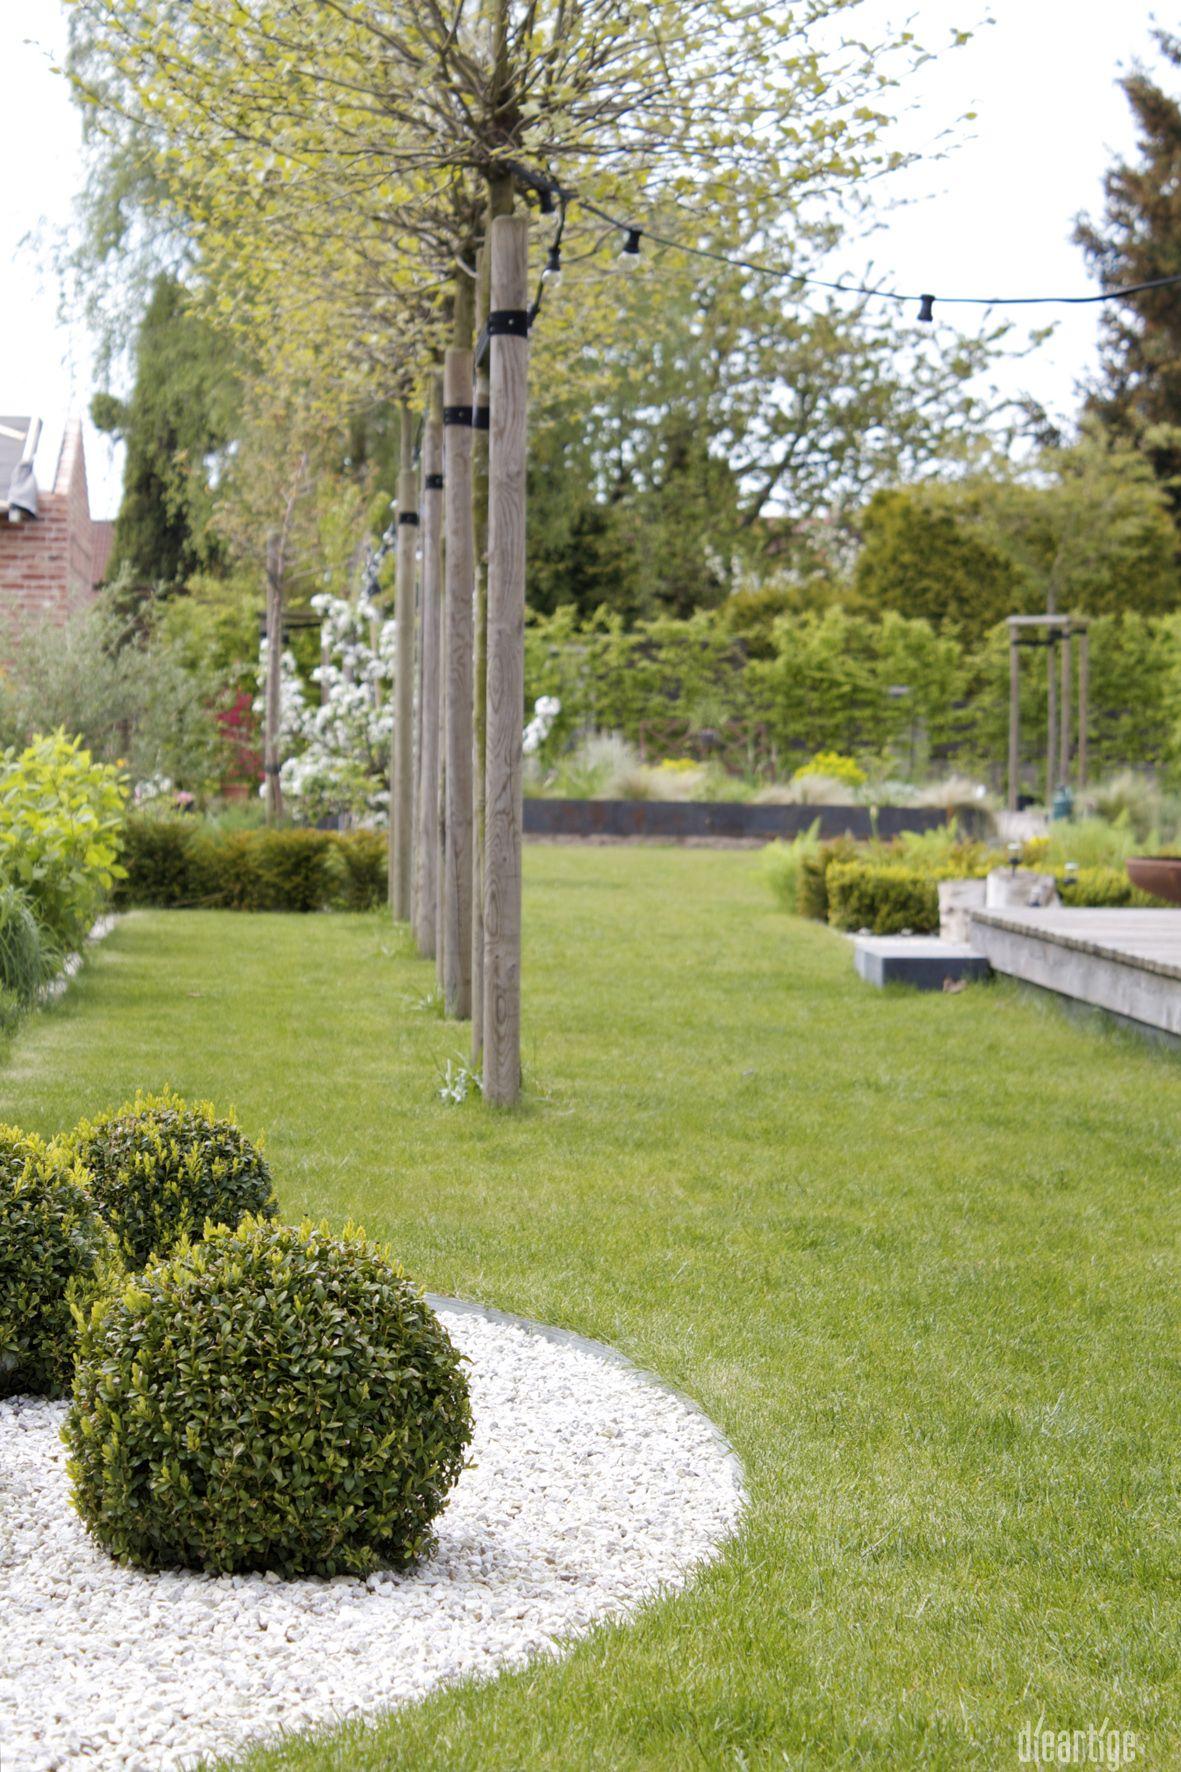 Inspirierend Pflegeleichter Garten Ohne Rasen Dekoration Von Dieartigedesign - // Buchs, Kugelplatanen, Weißer Splitt